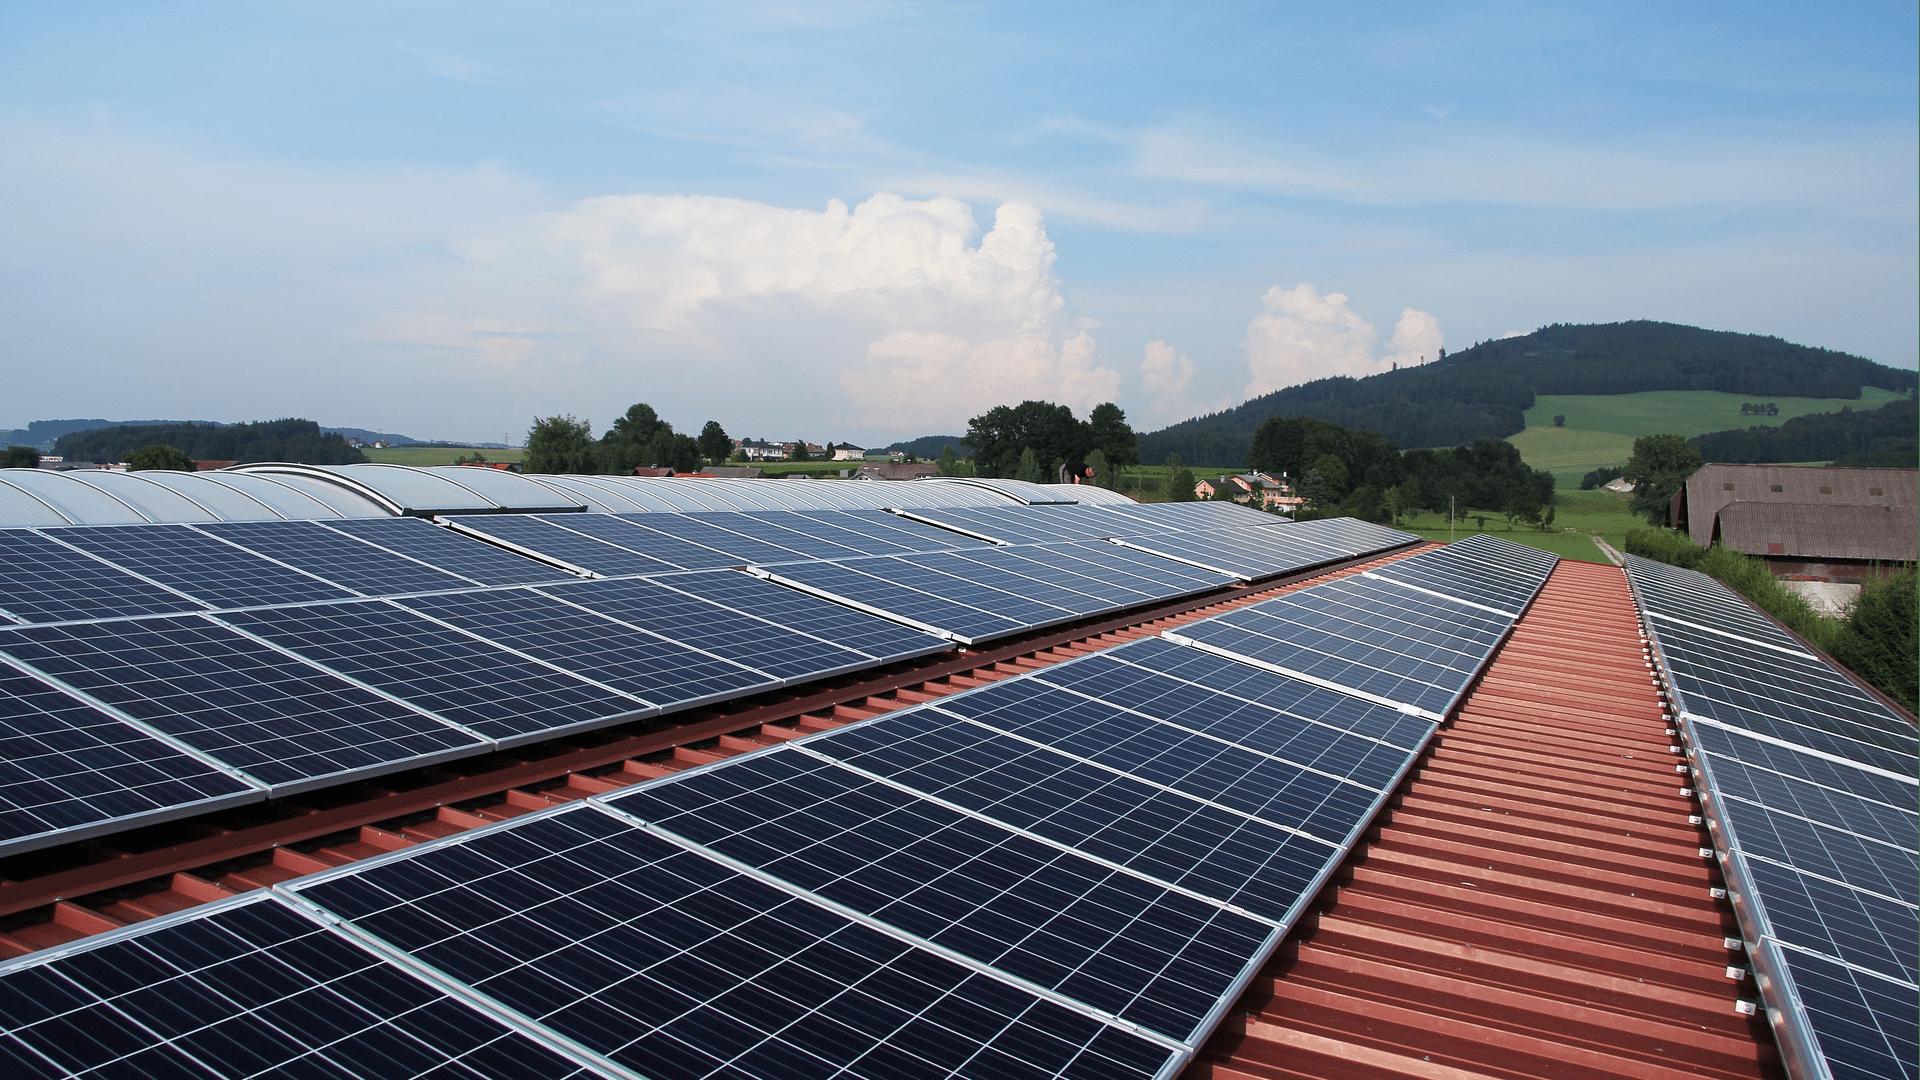 Les panneaux solaires ont produit davantage d'énergie pendant le confinement